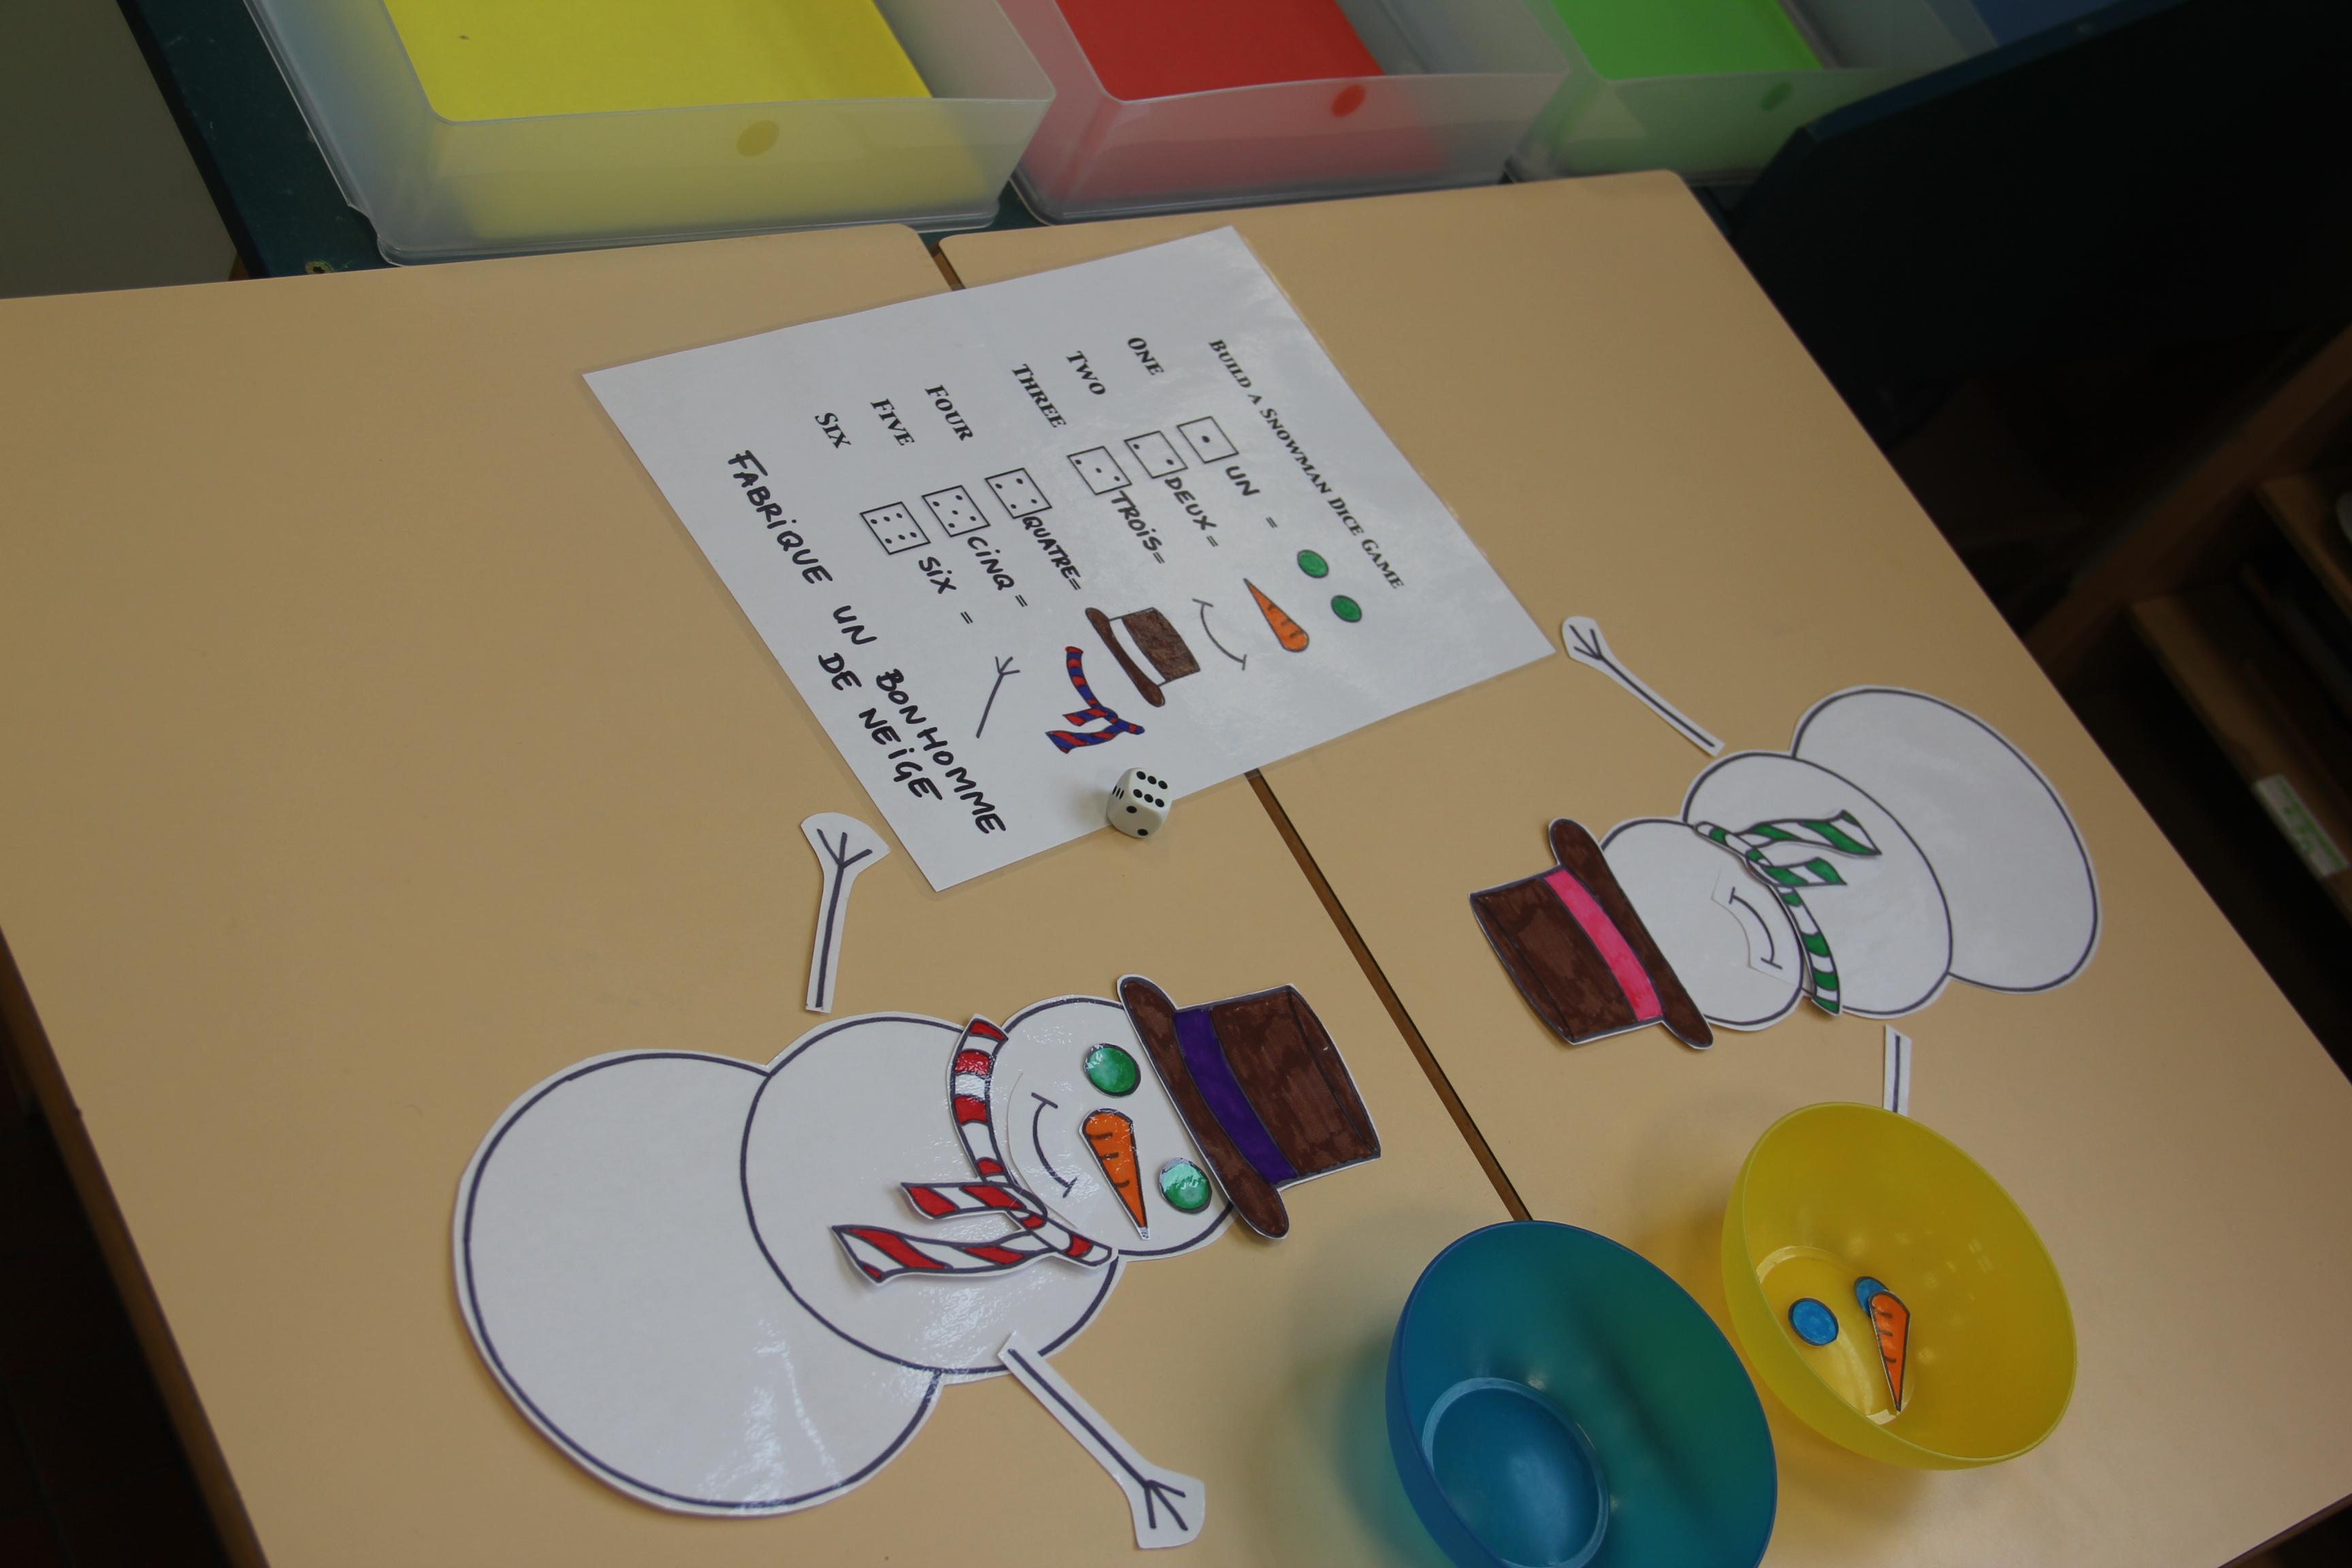 Jeu de d fabriquer un bonhomme de neige in my classroom - Fabriquer un bonhomme de neige ...